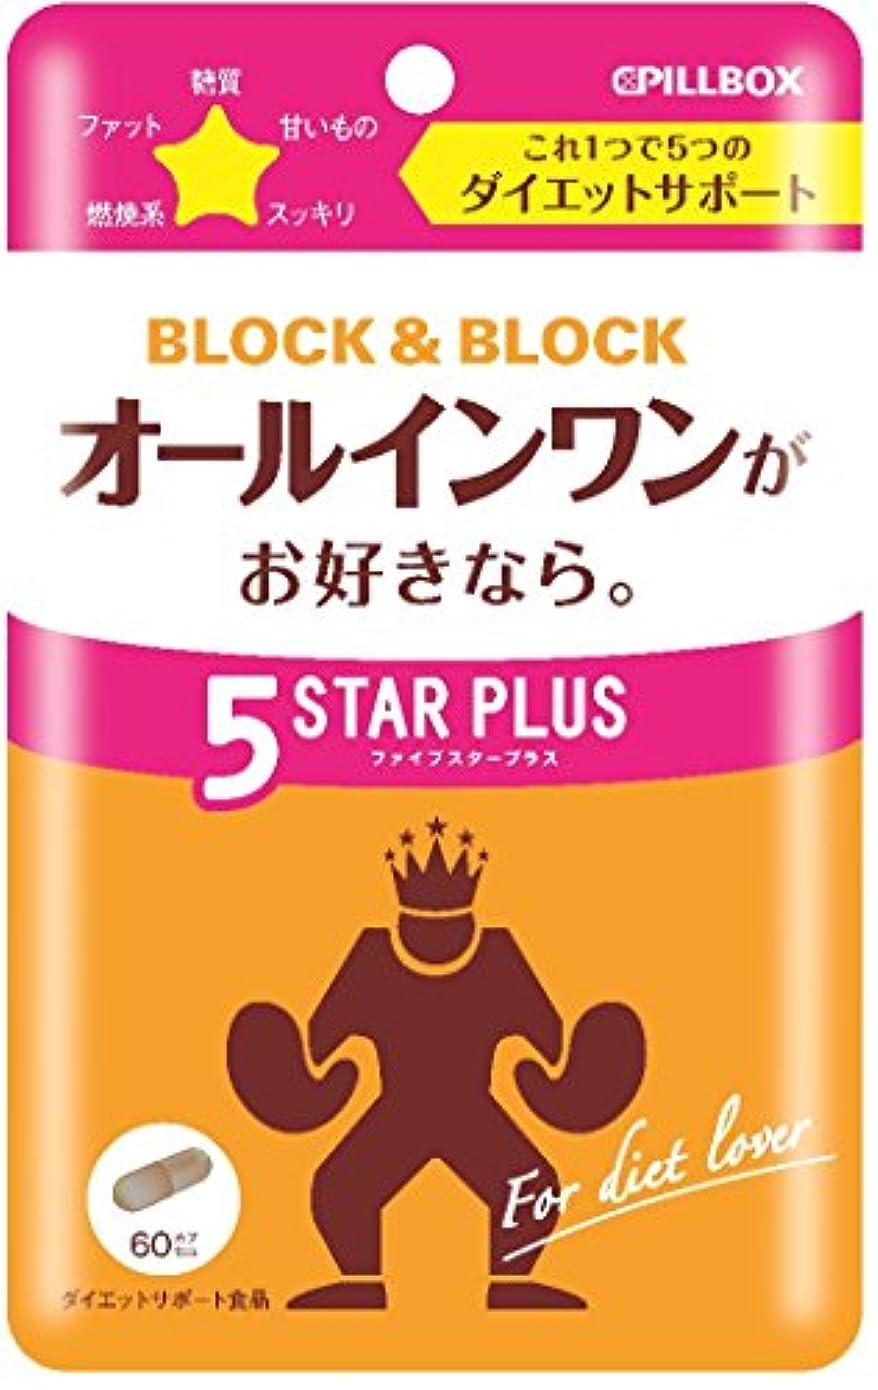 放牧する予定節約するピルボックスジャパン ブロック&ブロック ファイブスタープラス 60カプセル